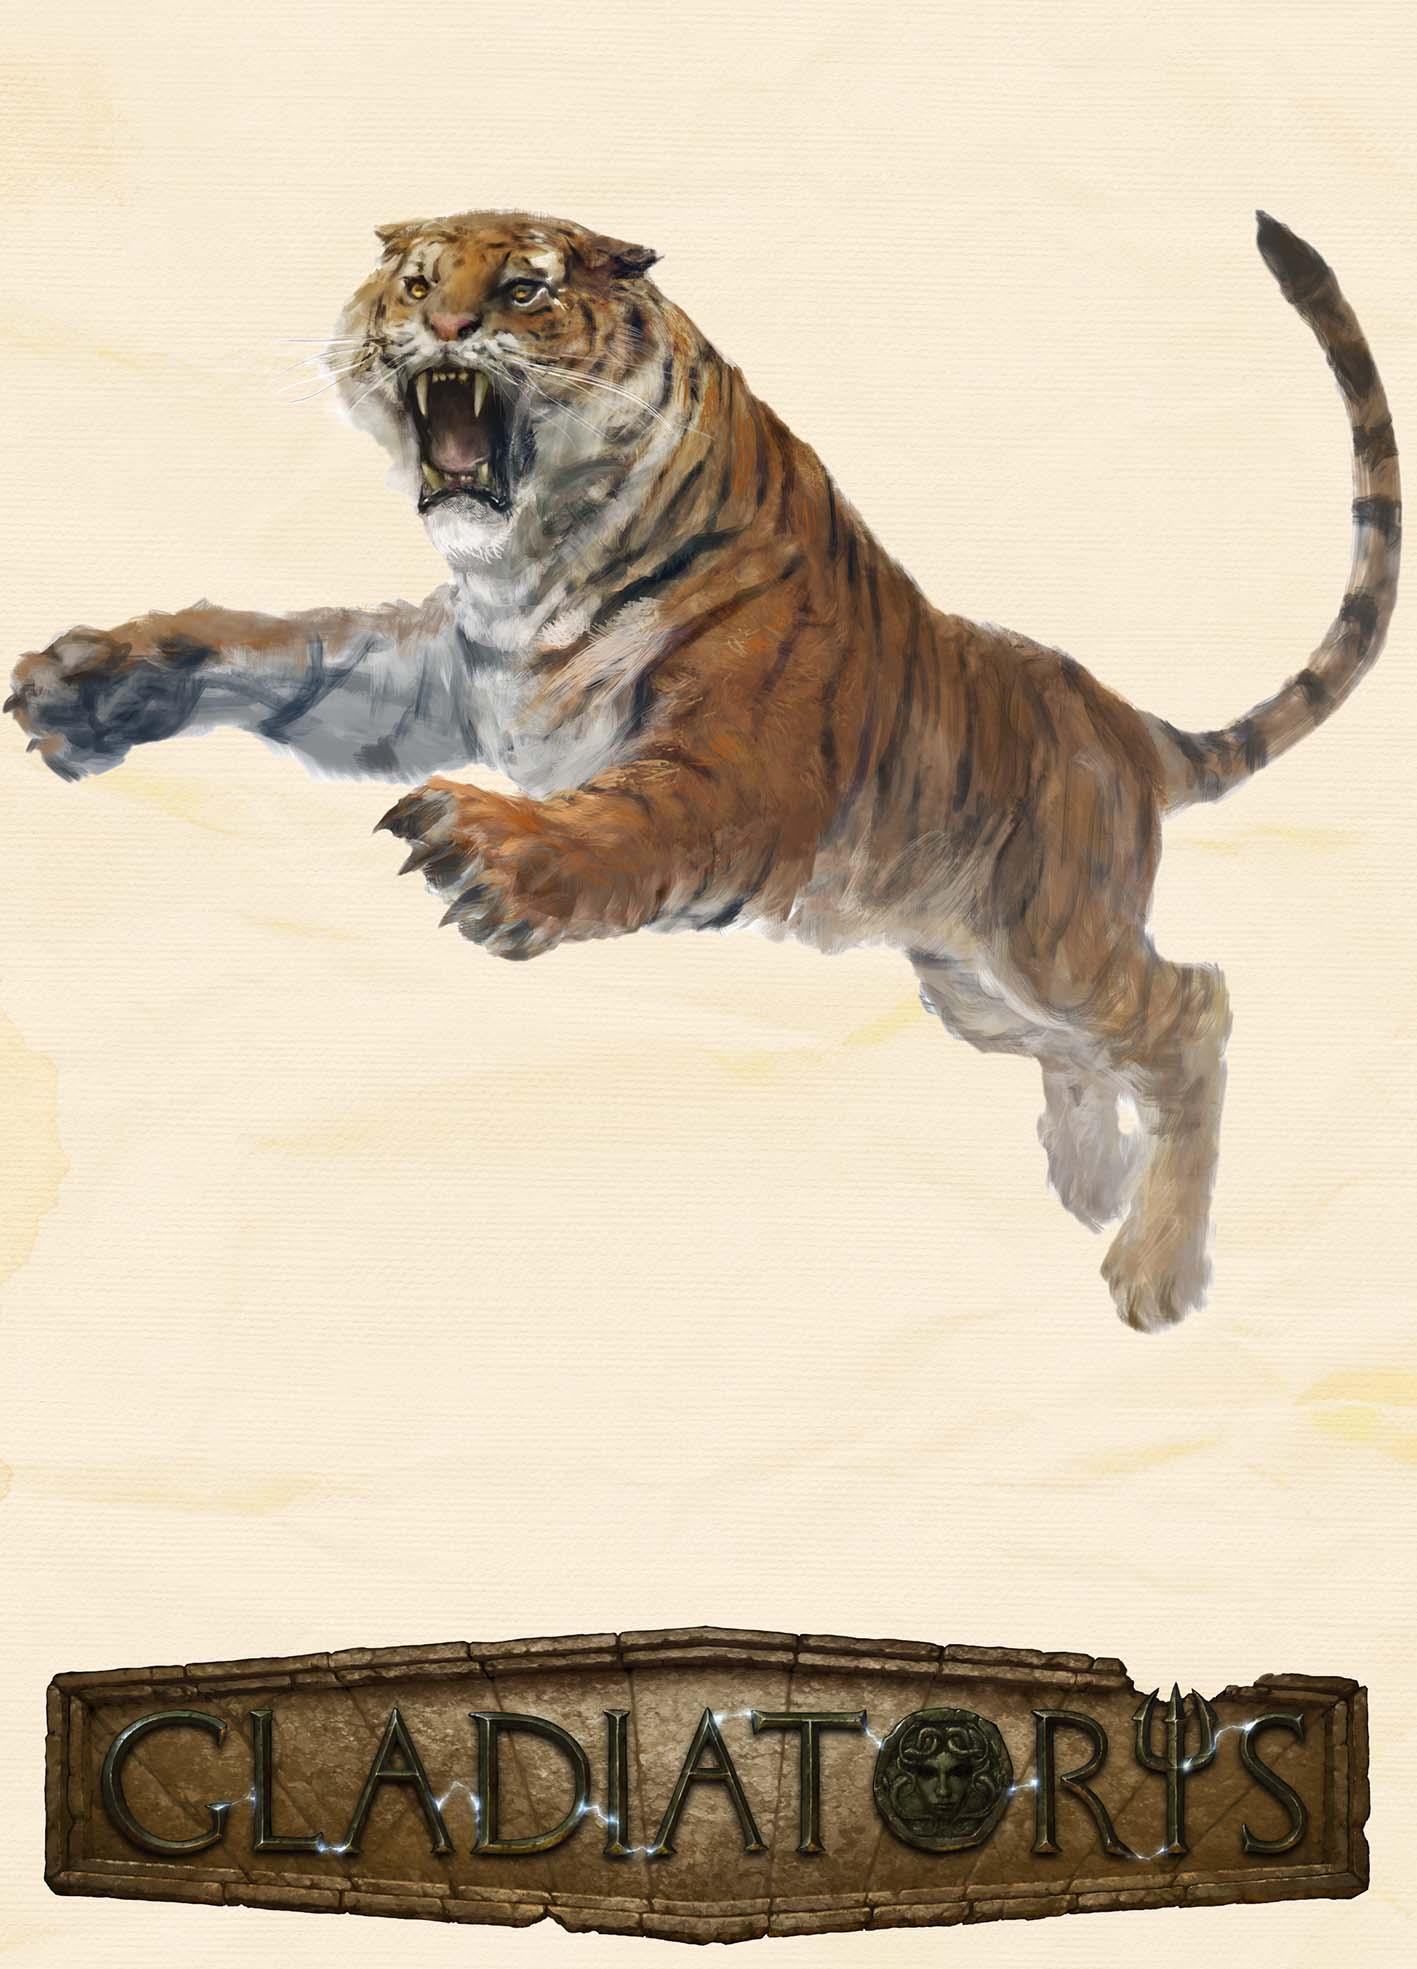 Gladiatoris - Tigre (Petauristae)